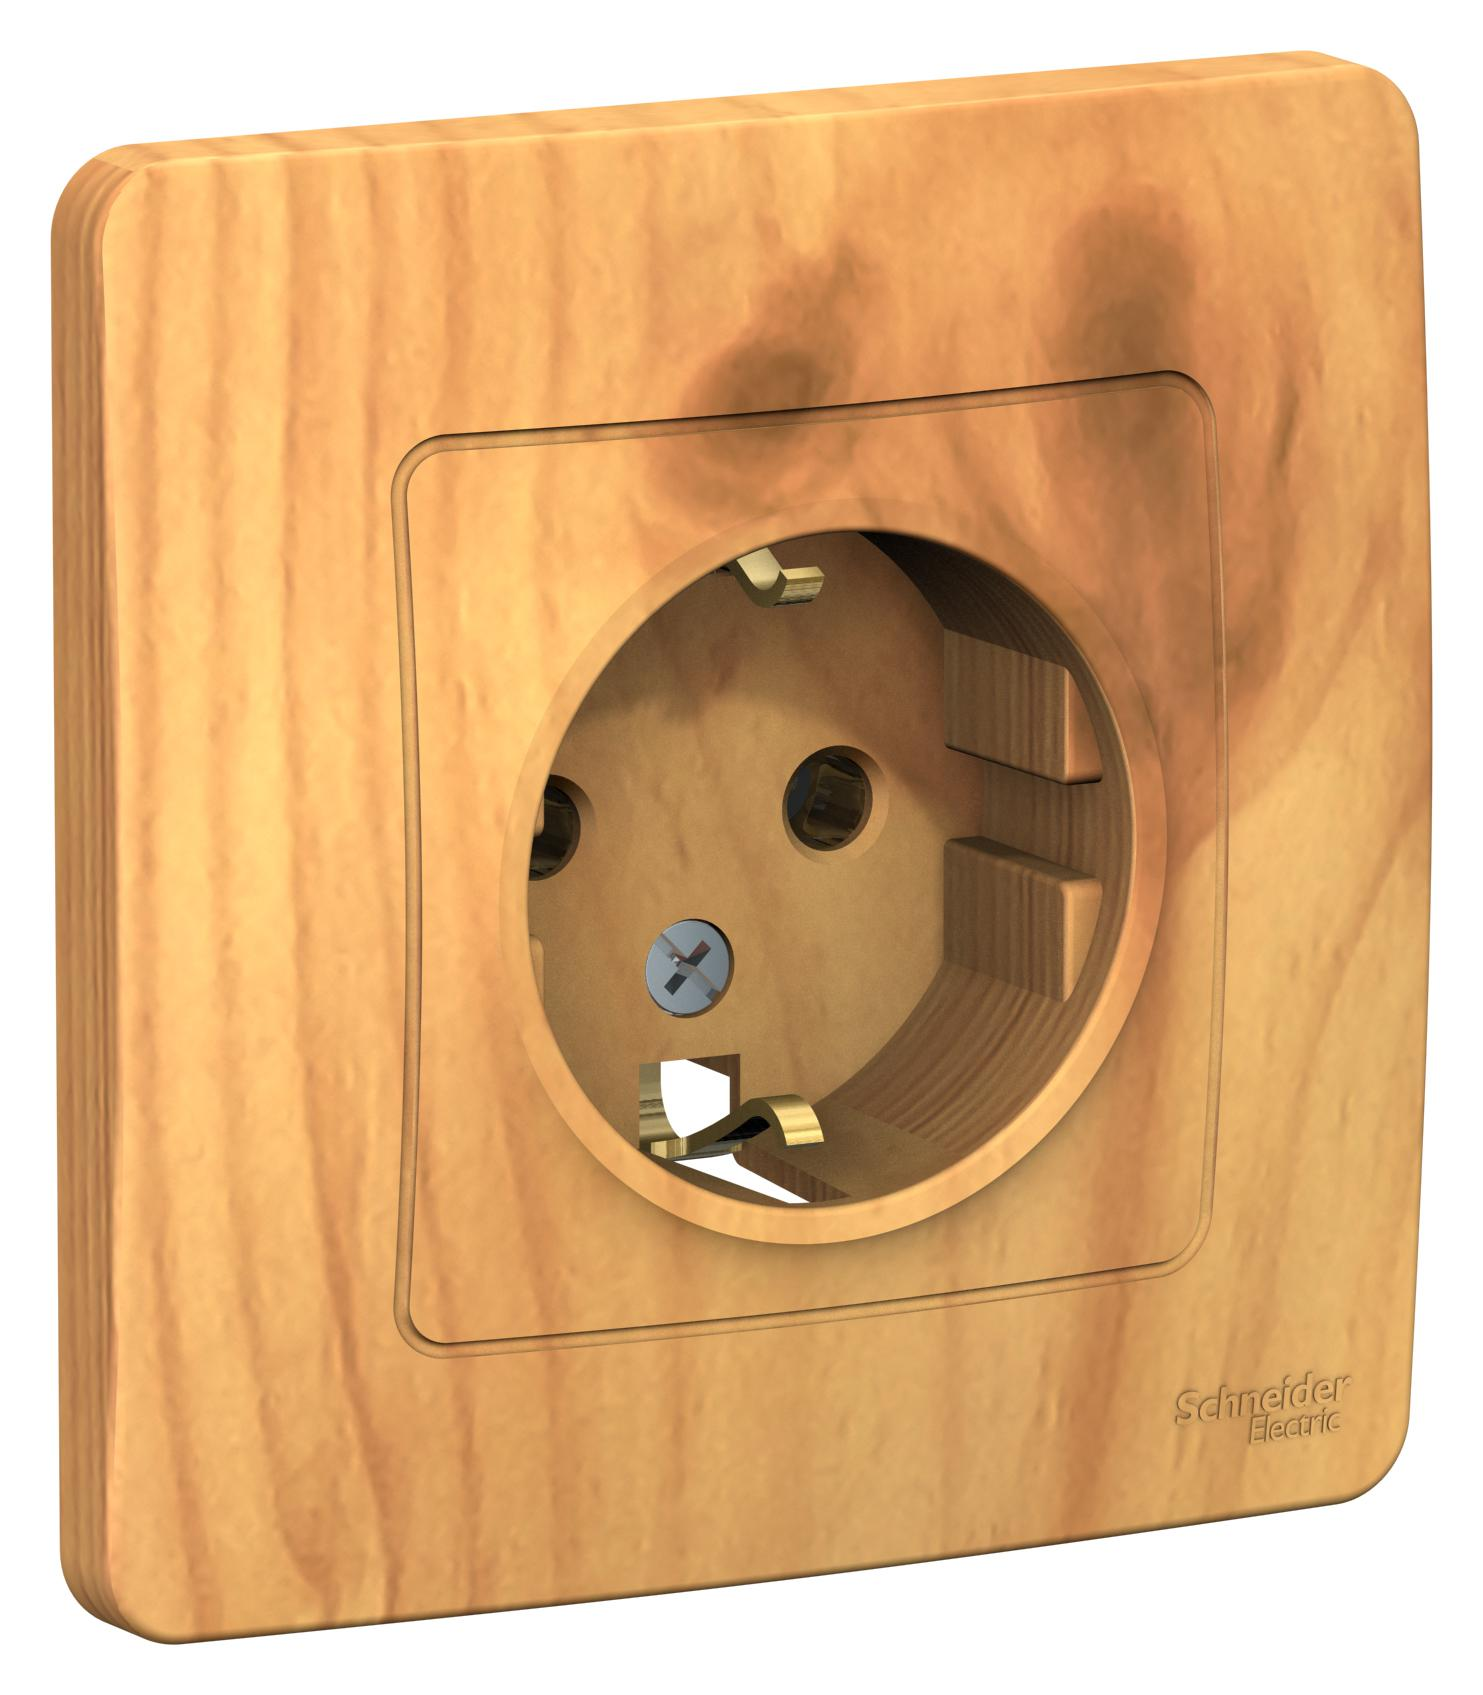 Купить Розетка Schneider electric Blnrs001015 blanca